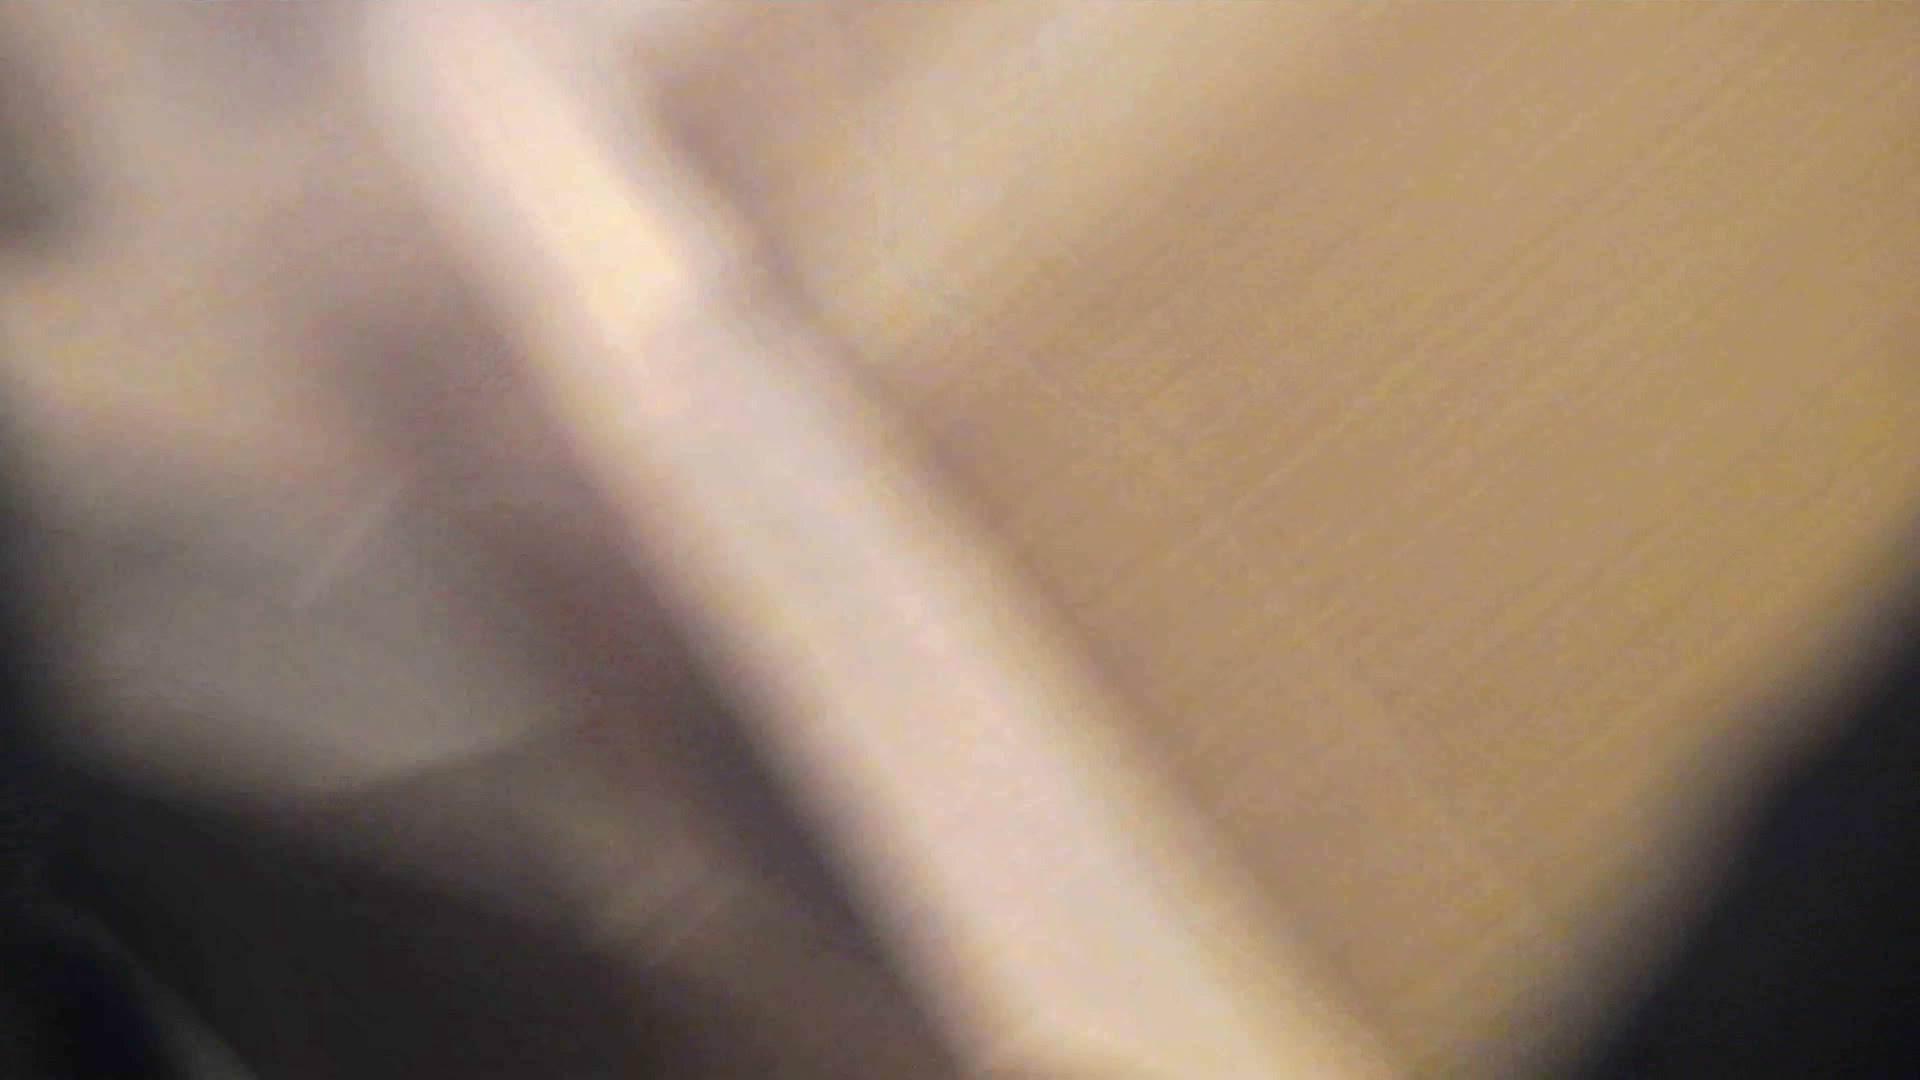 阿国ちゃんの「和式洋式七変化」No.12 ギャル攻め すけべAV動画紹介 99画像 26